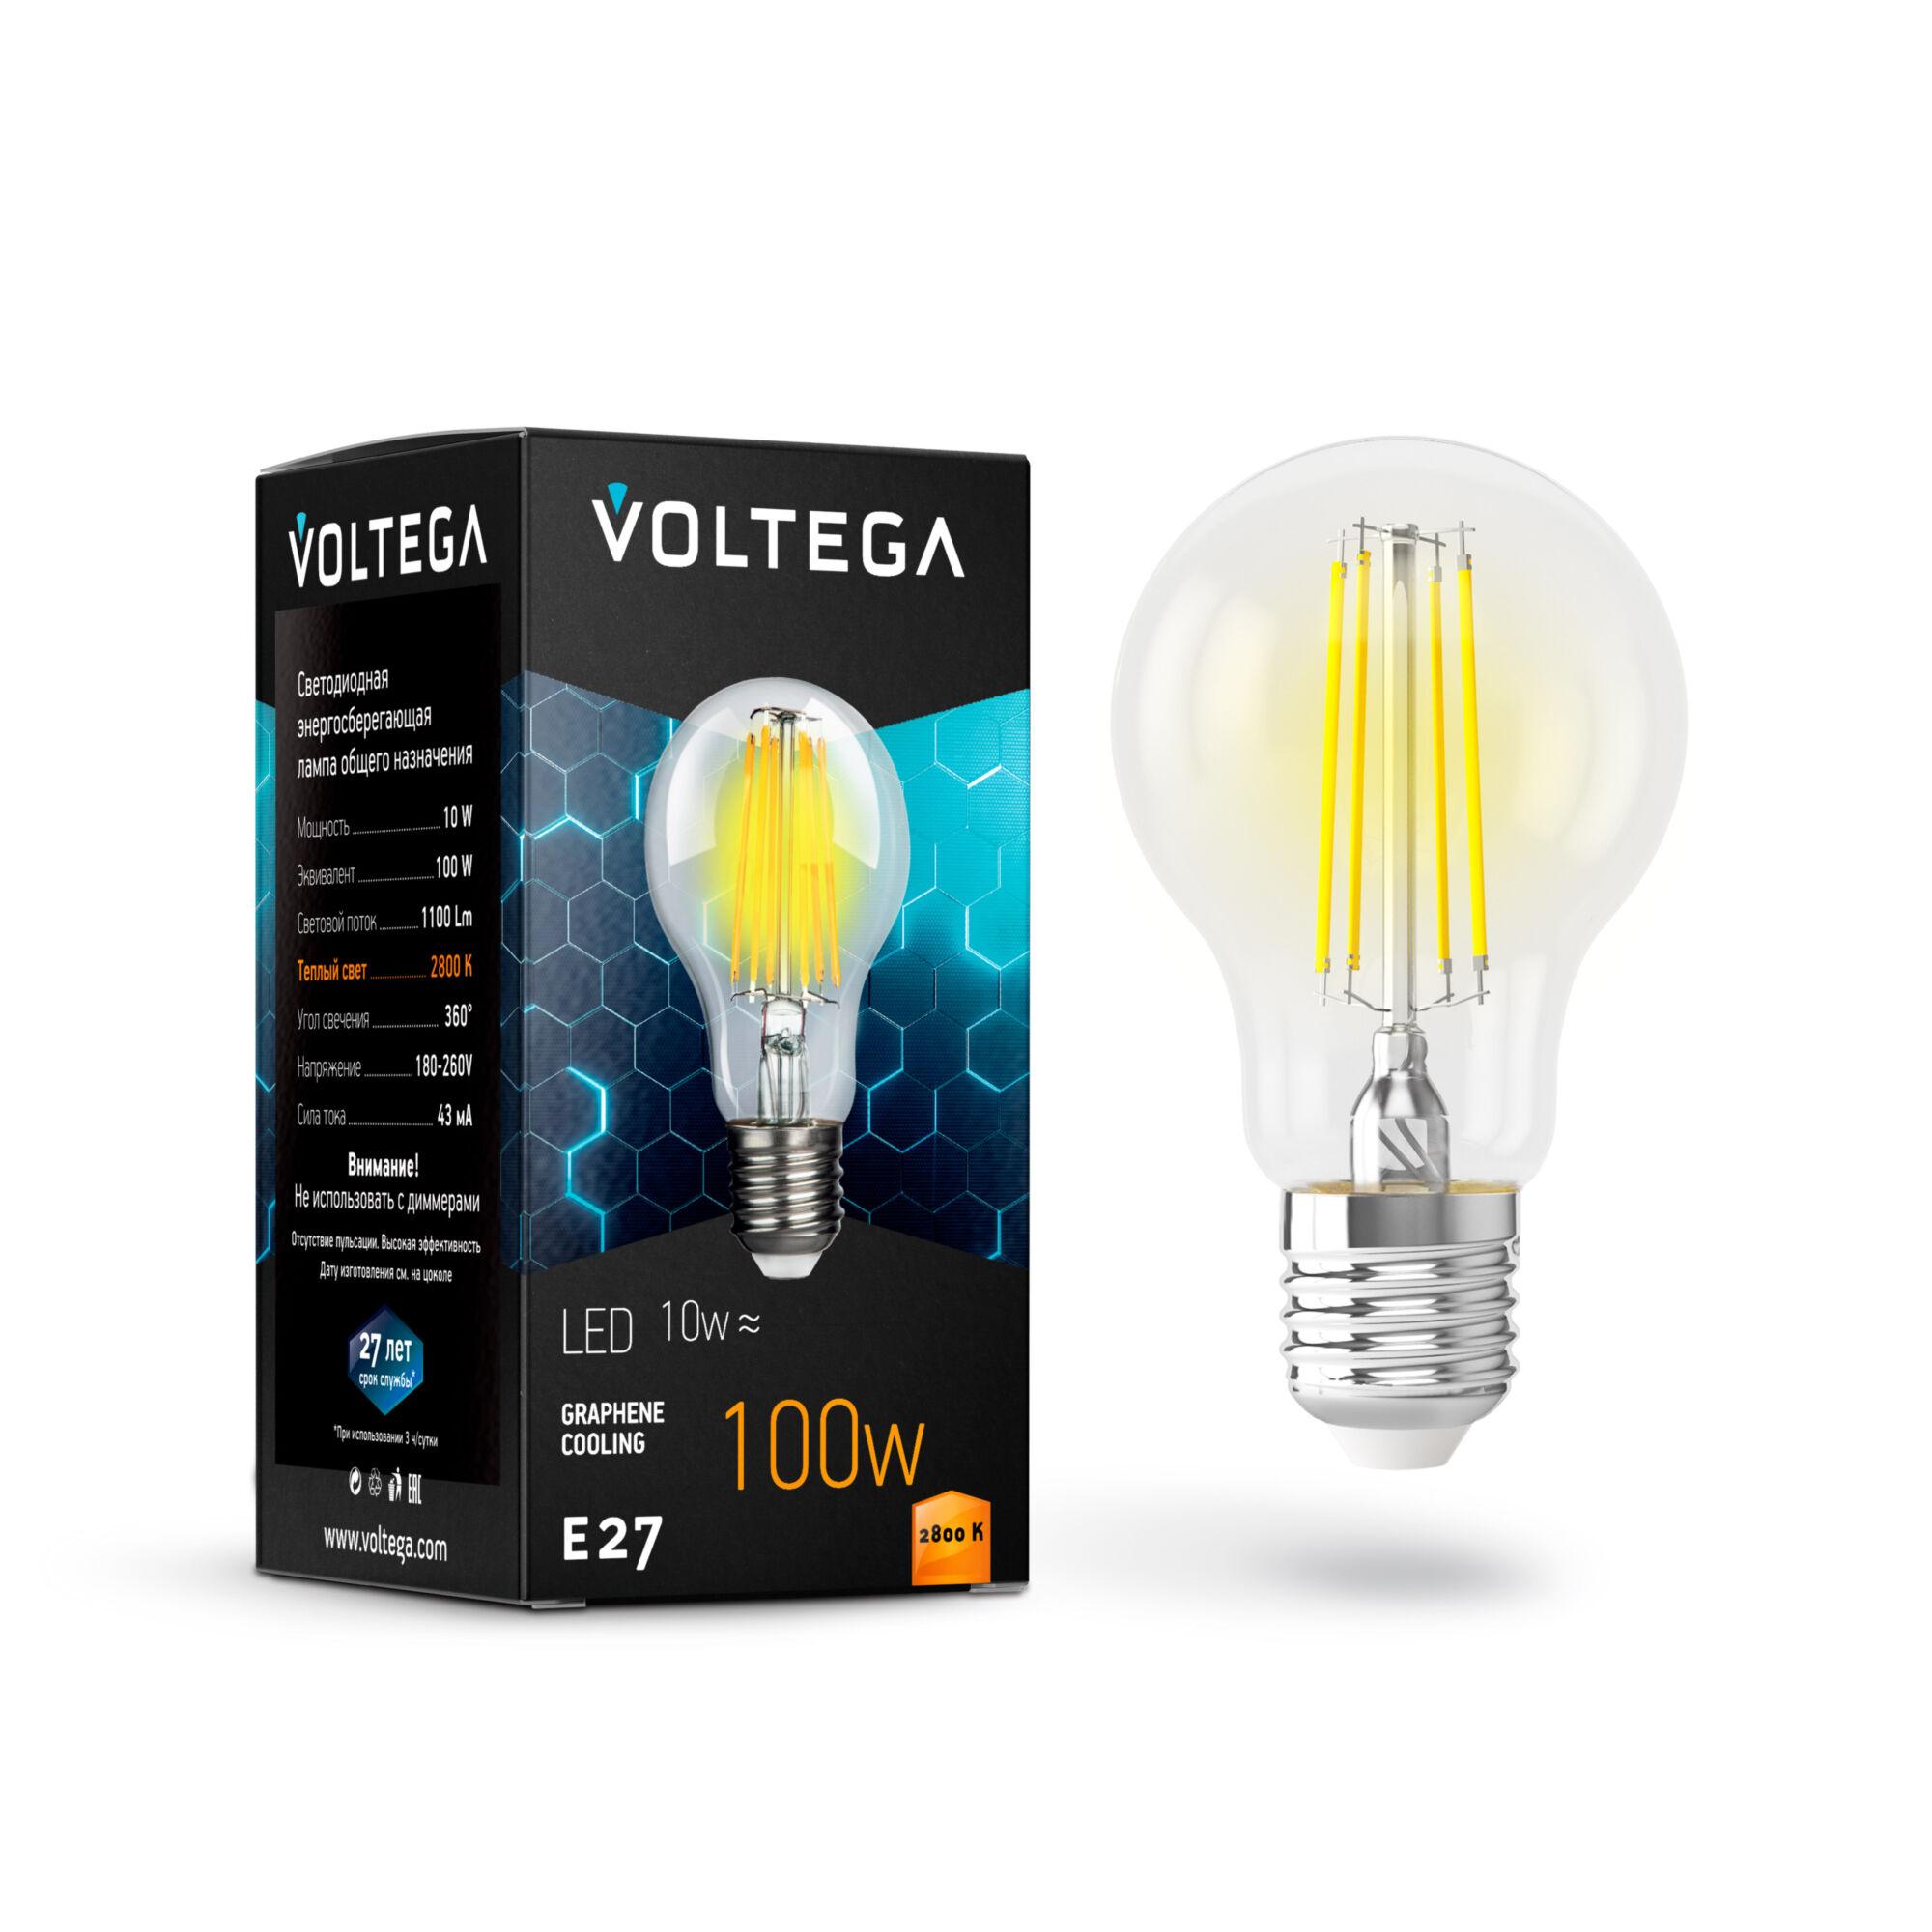 Фото - Лампочка Voltega General purpose bulb Е27 10W 2800К лампочка voltega candel matt е27 6w 2800к